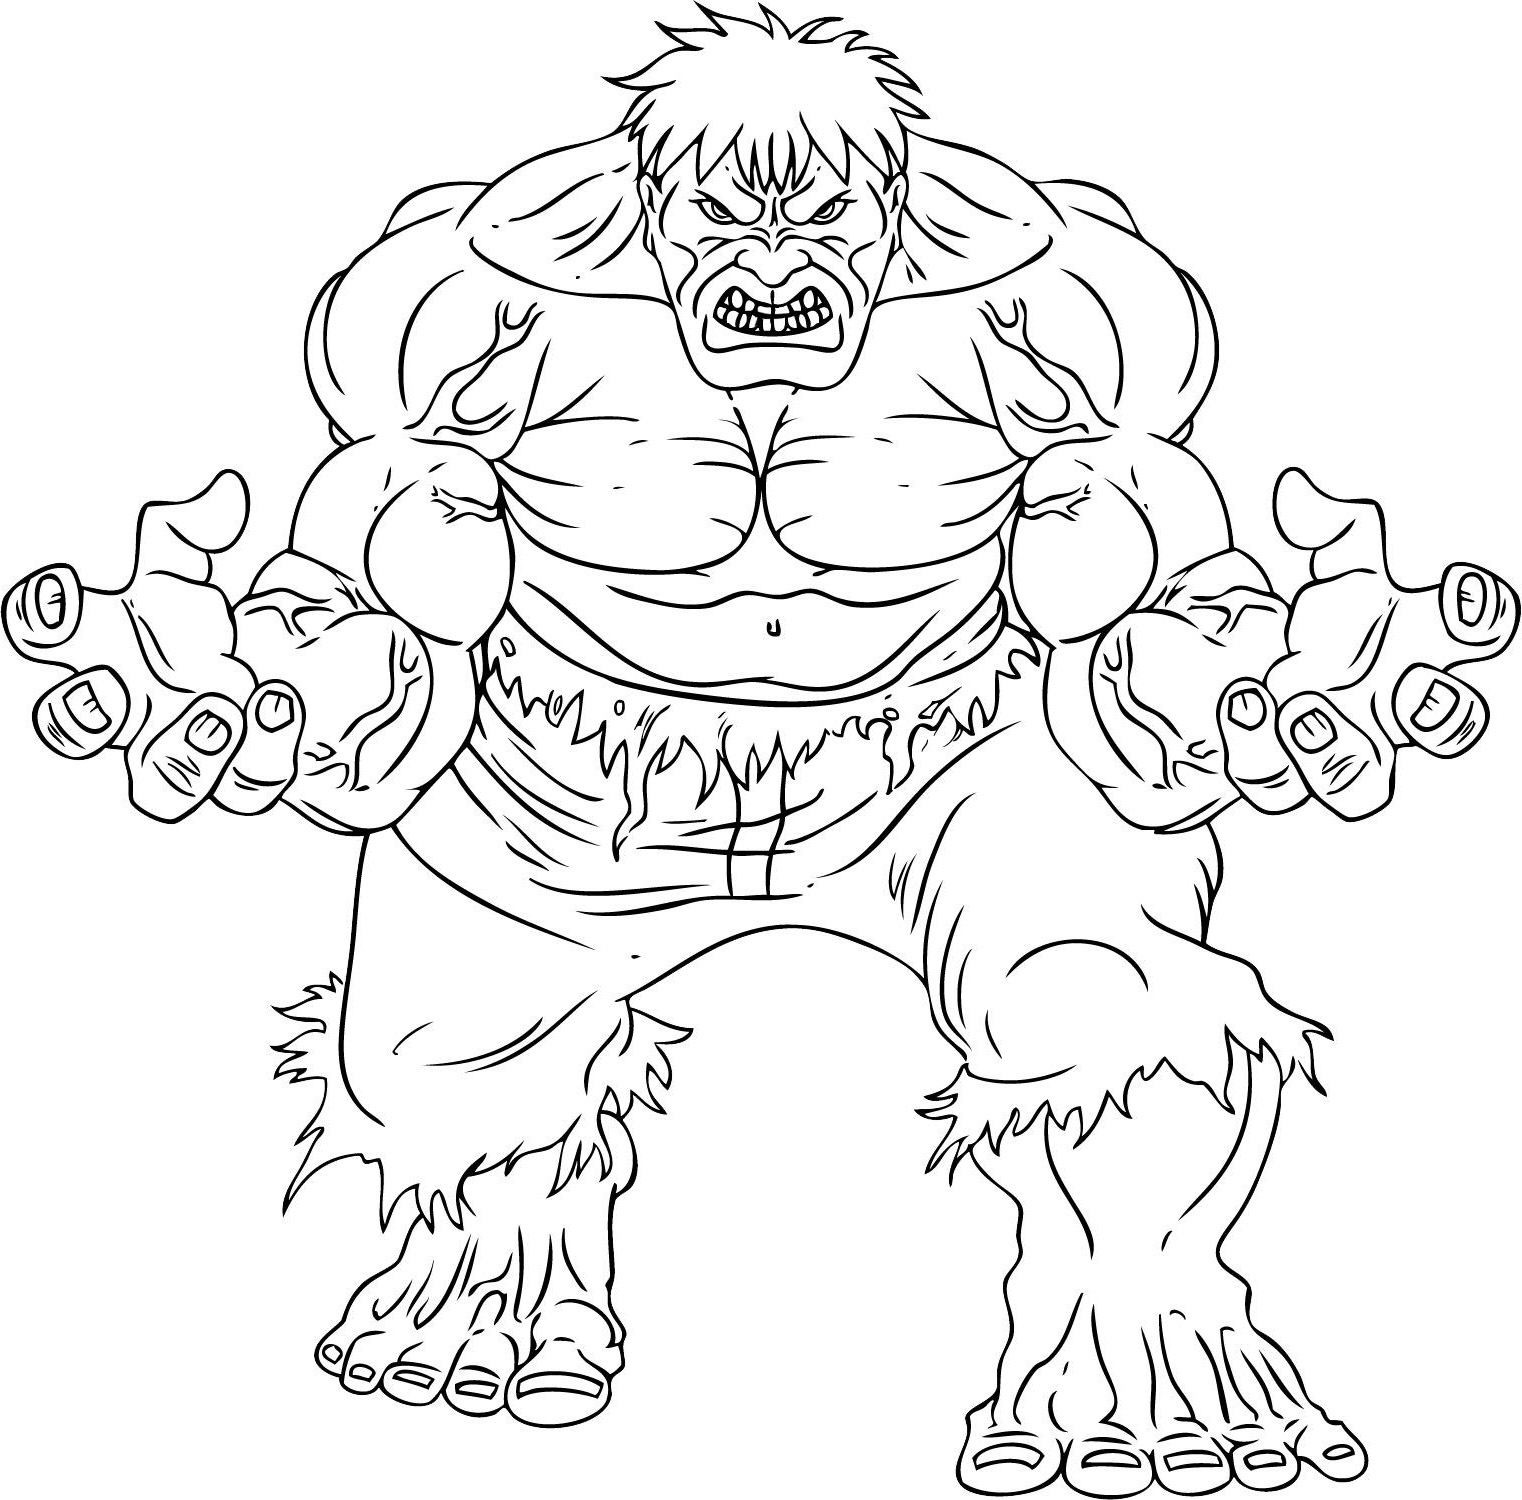 101 Dessins De Coloriage Hulk À Imprimer tout Coloriage Avengers A Imprimer